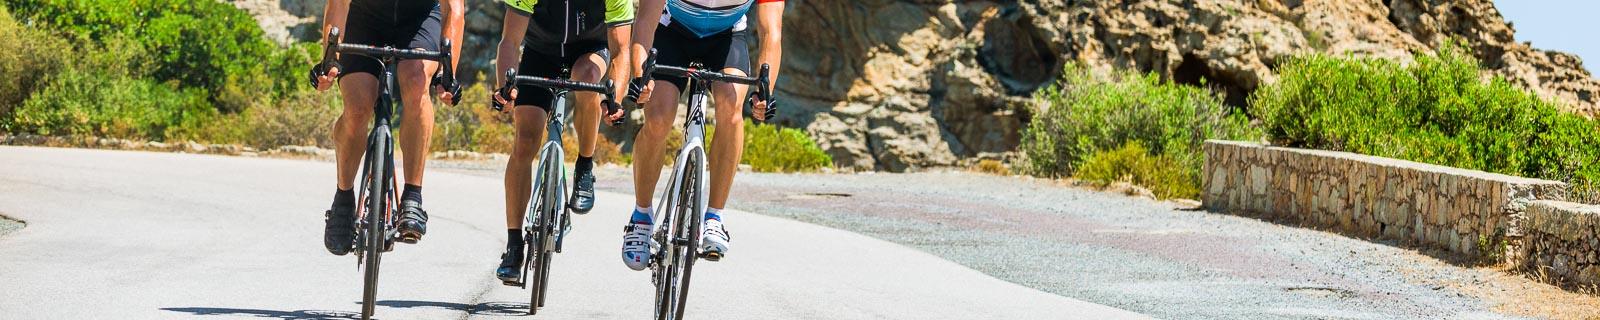 Biciclette da corsa, da triathlon e da ciclocross